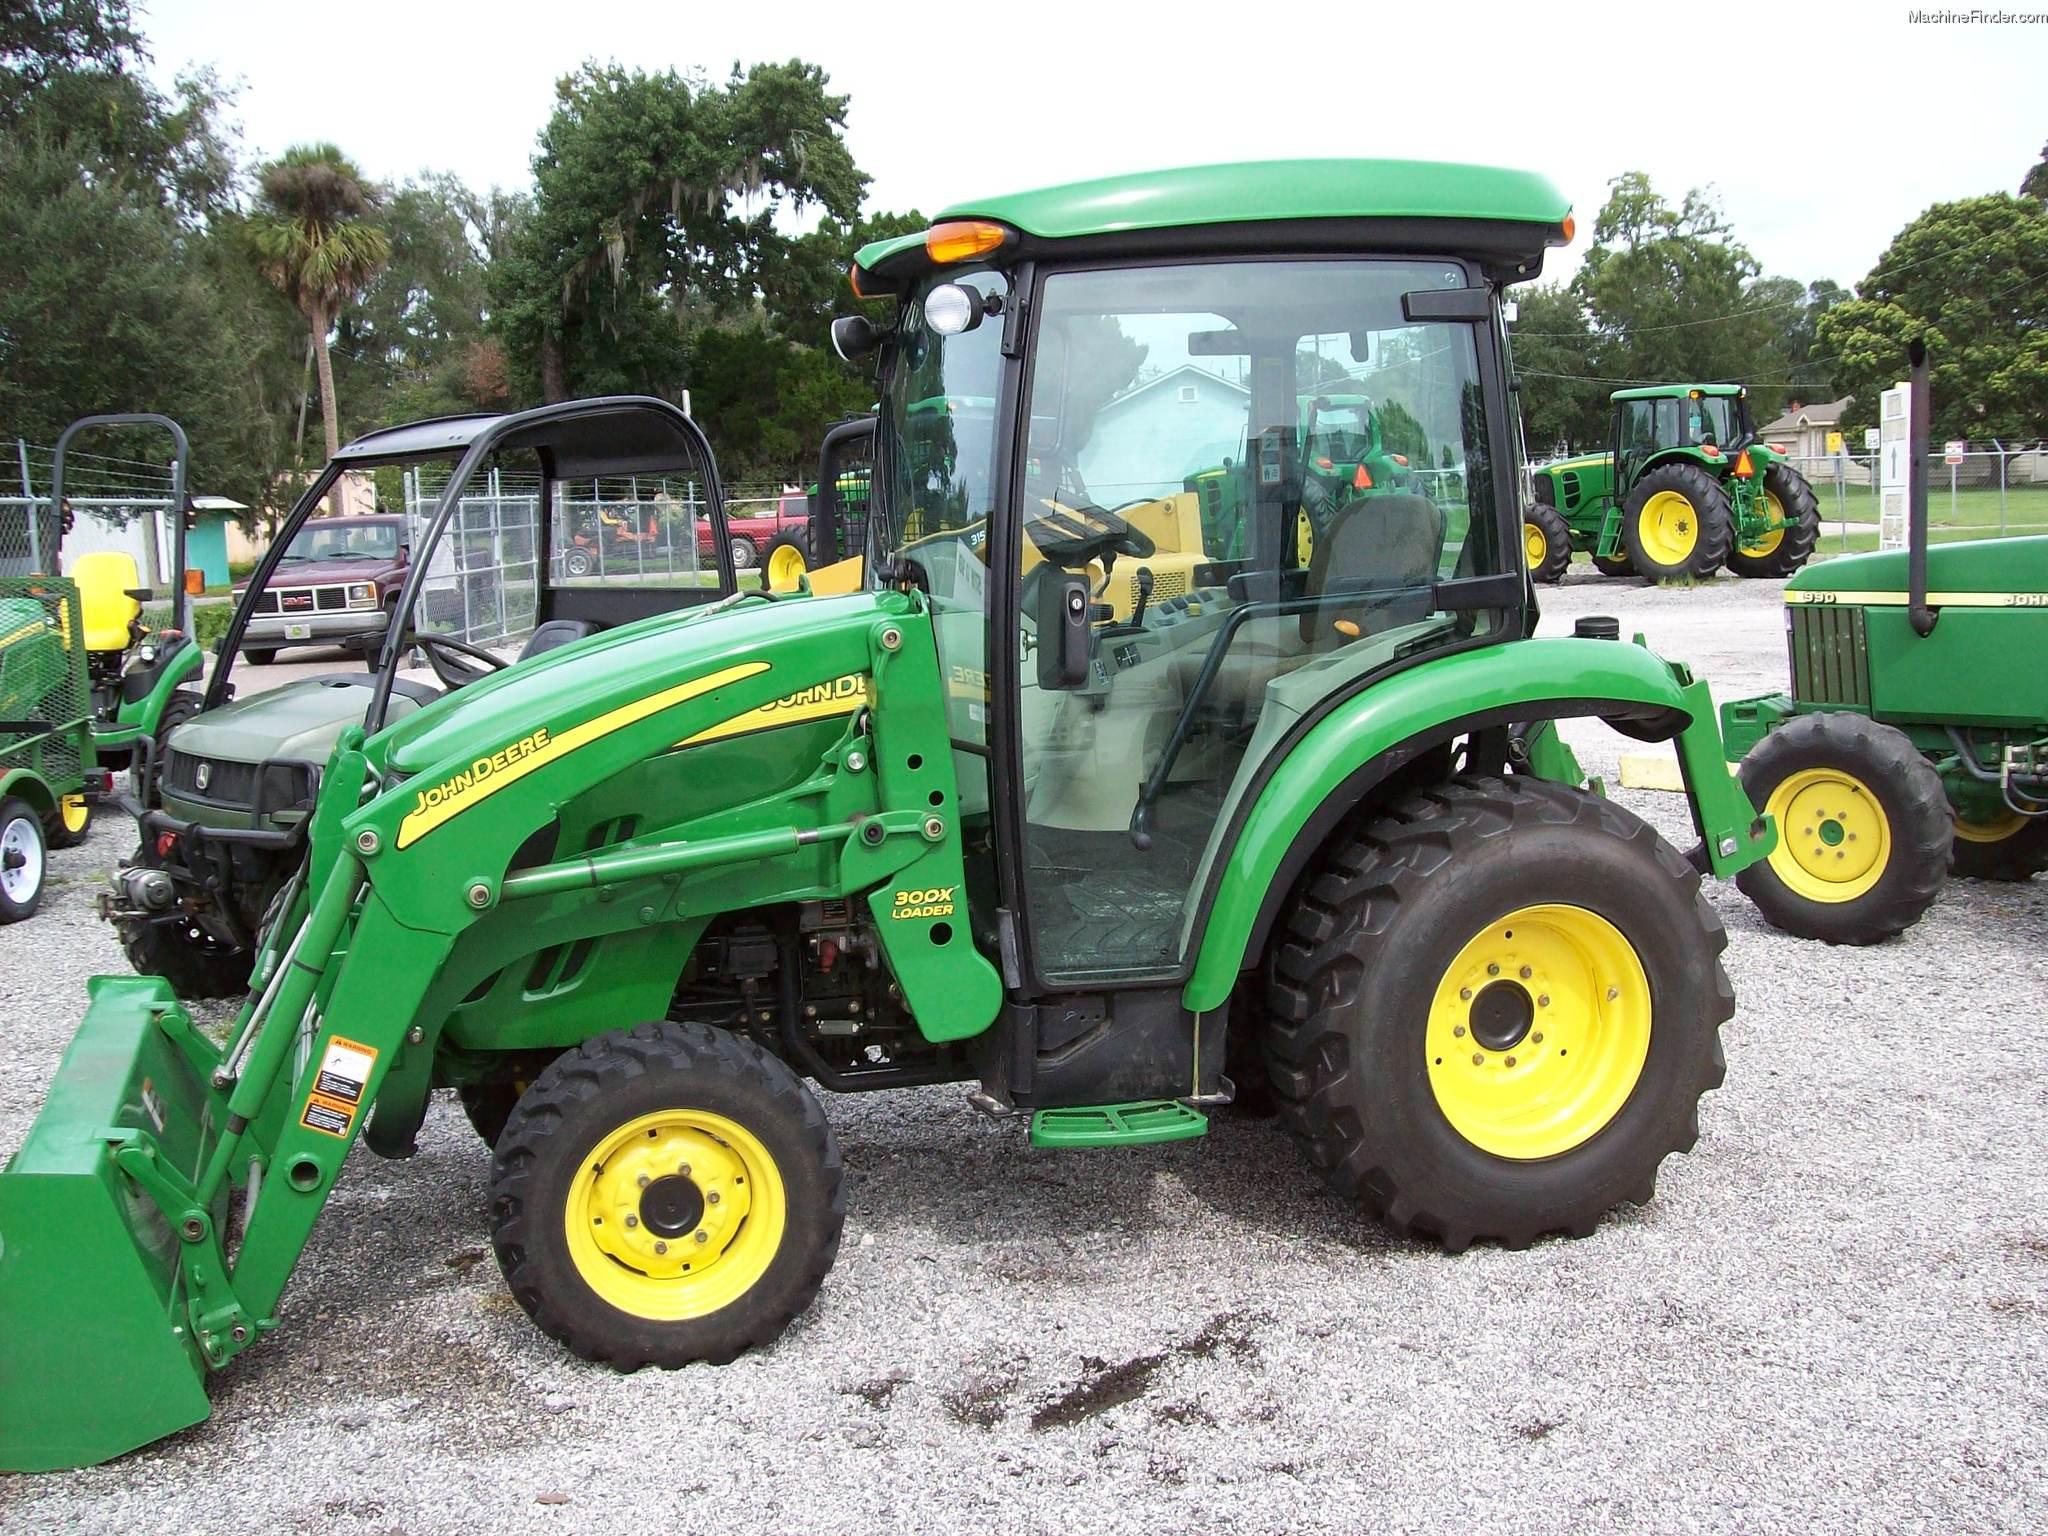 TractorData.com John Deere 3520 tractor information